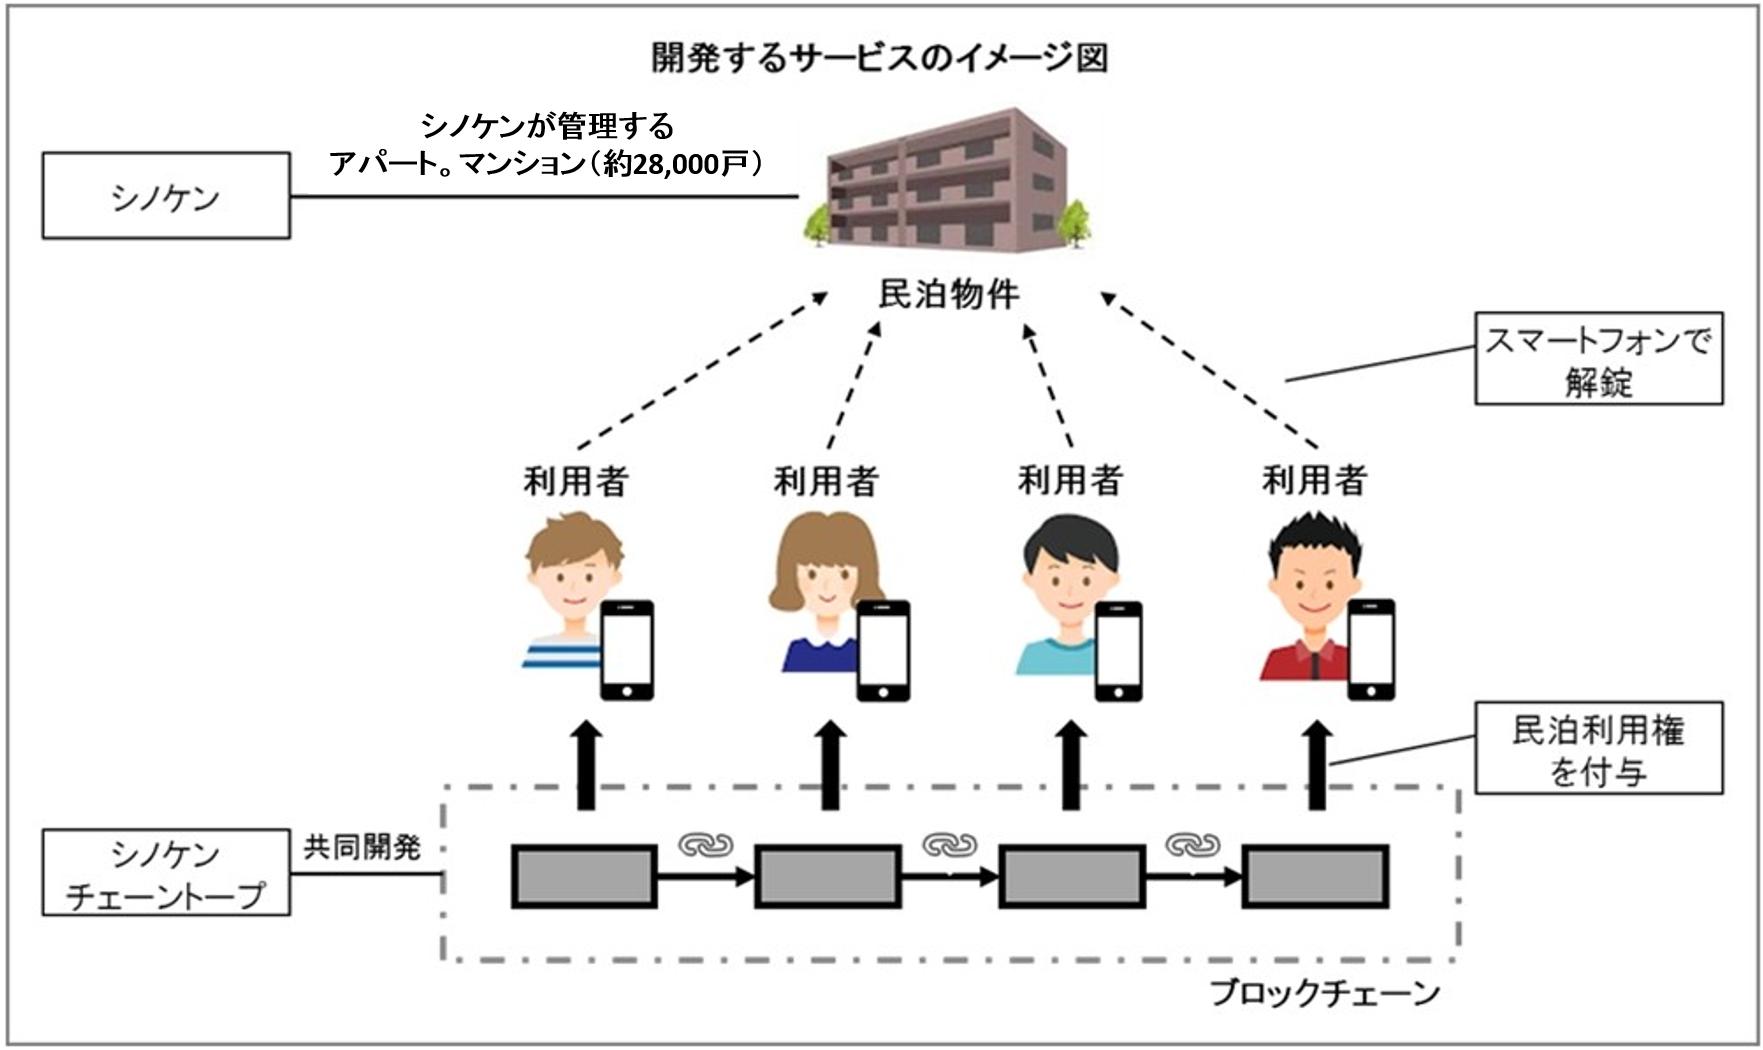 ブロックチェーン技術を民泊分野に活用